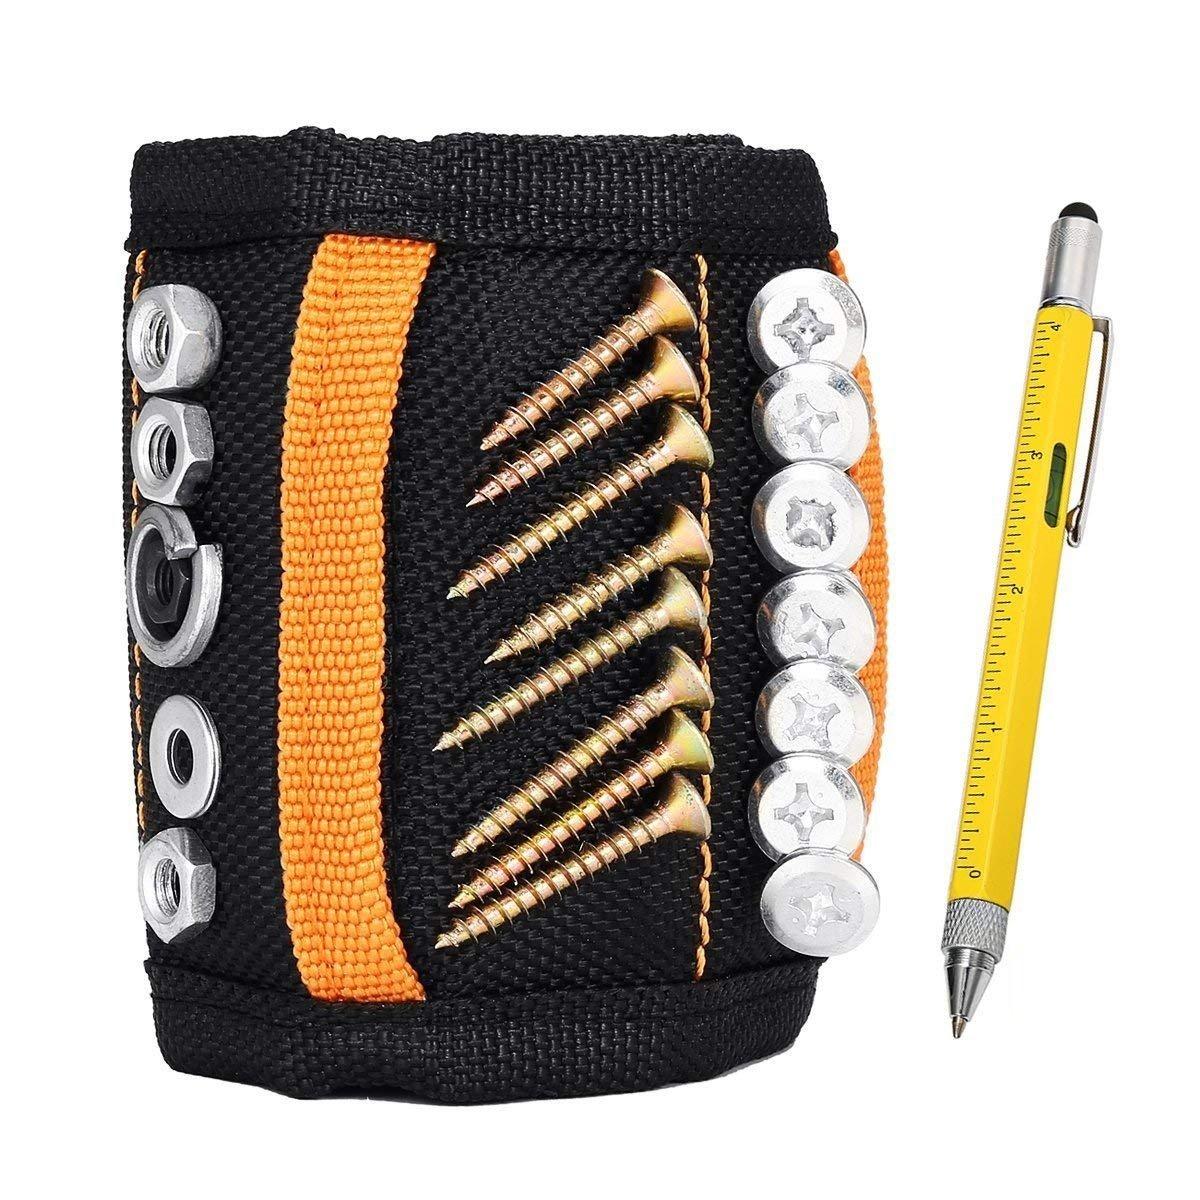 Baban Magnetische Armbä nder, Magnetarmband mit 15 leistungsstarken Magneten Magnet Armbä nder verstellbares Klettband zum Halten von Werkzeugen, Schrauben, Nä gel, Bohren Bits und Kleinwerkzeuge